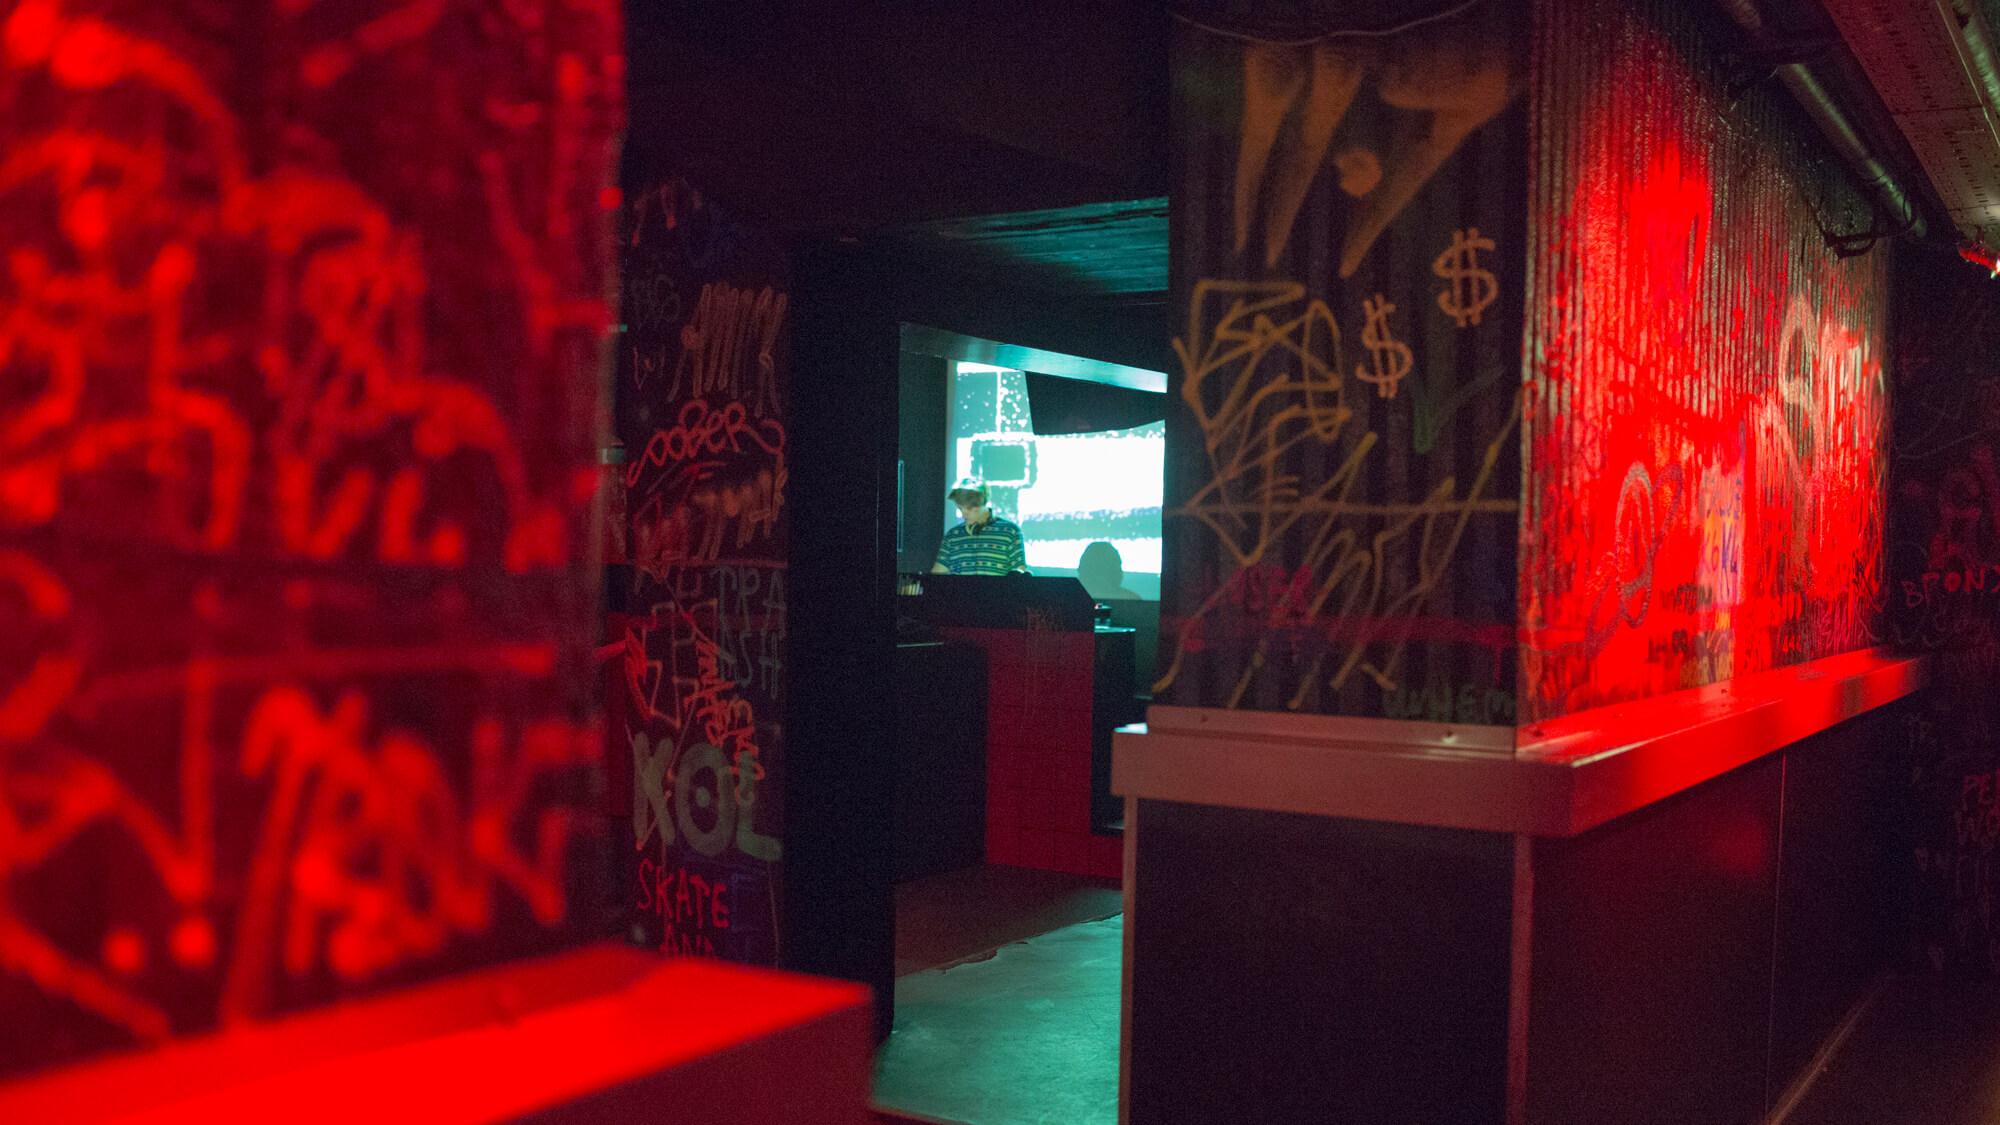 Graffiti walls on a dancefloor in club K4 in Ljubljana.